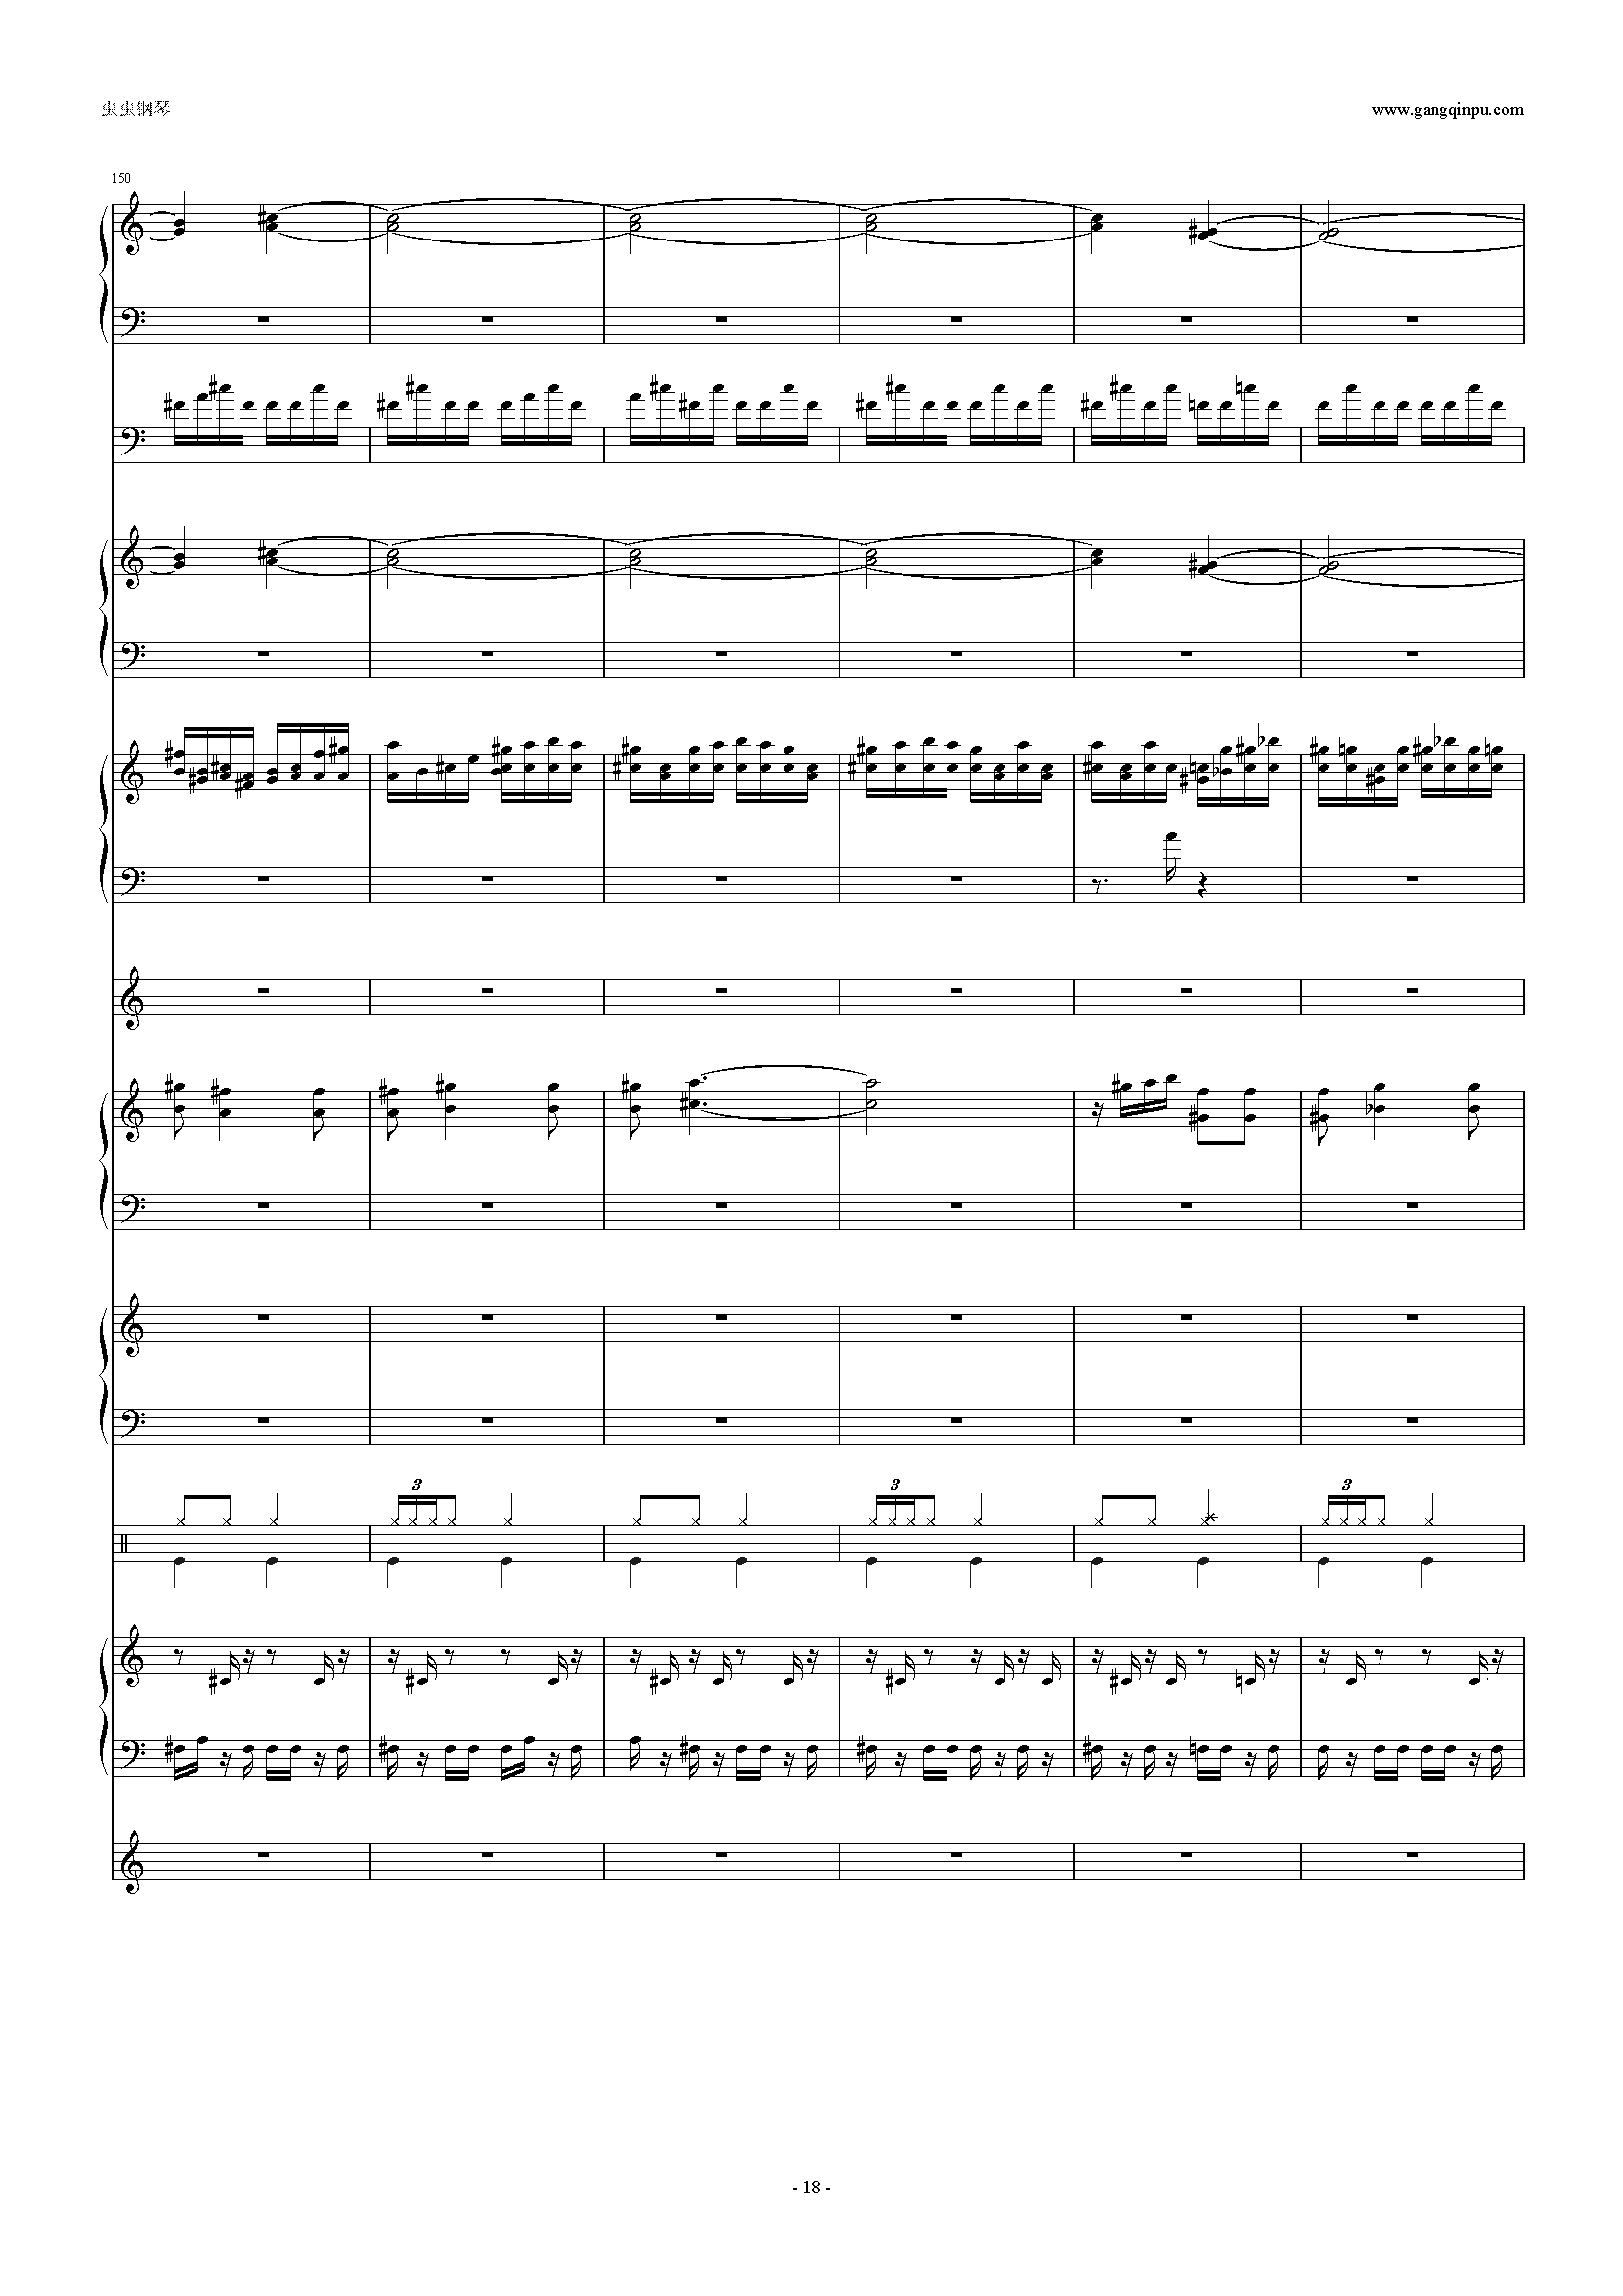 少女幻葬钢琴谱 第18页